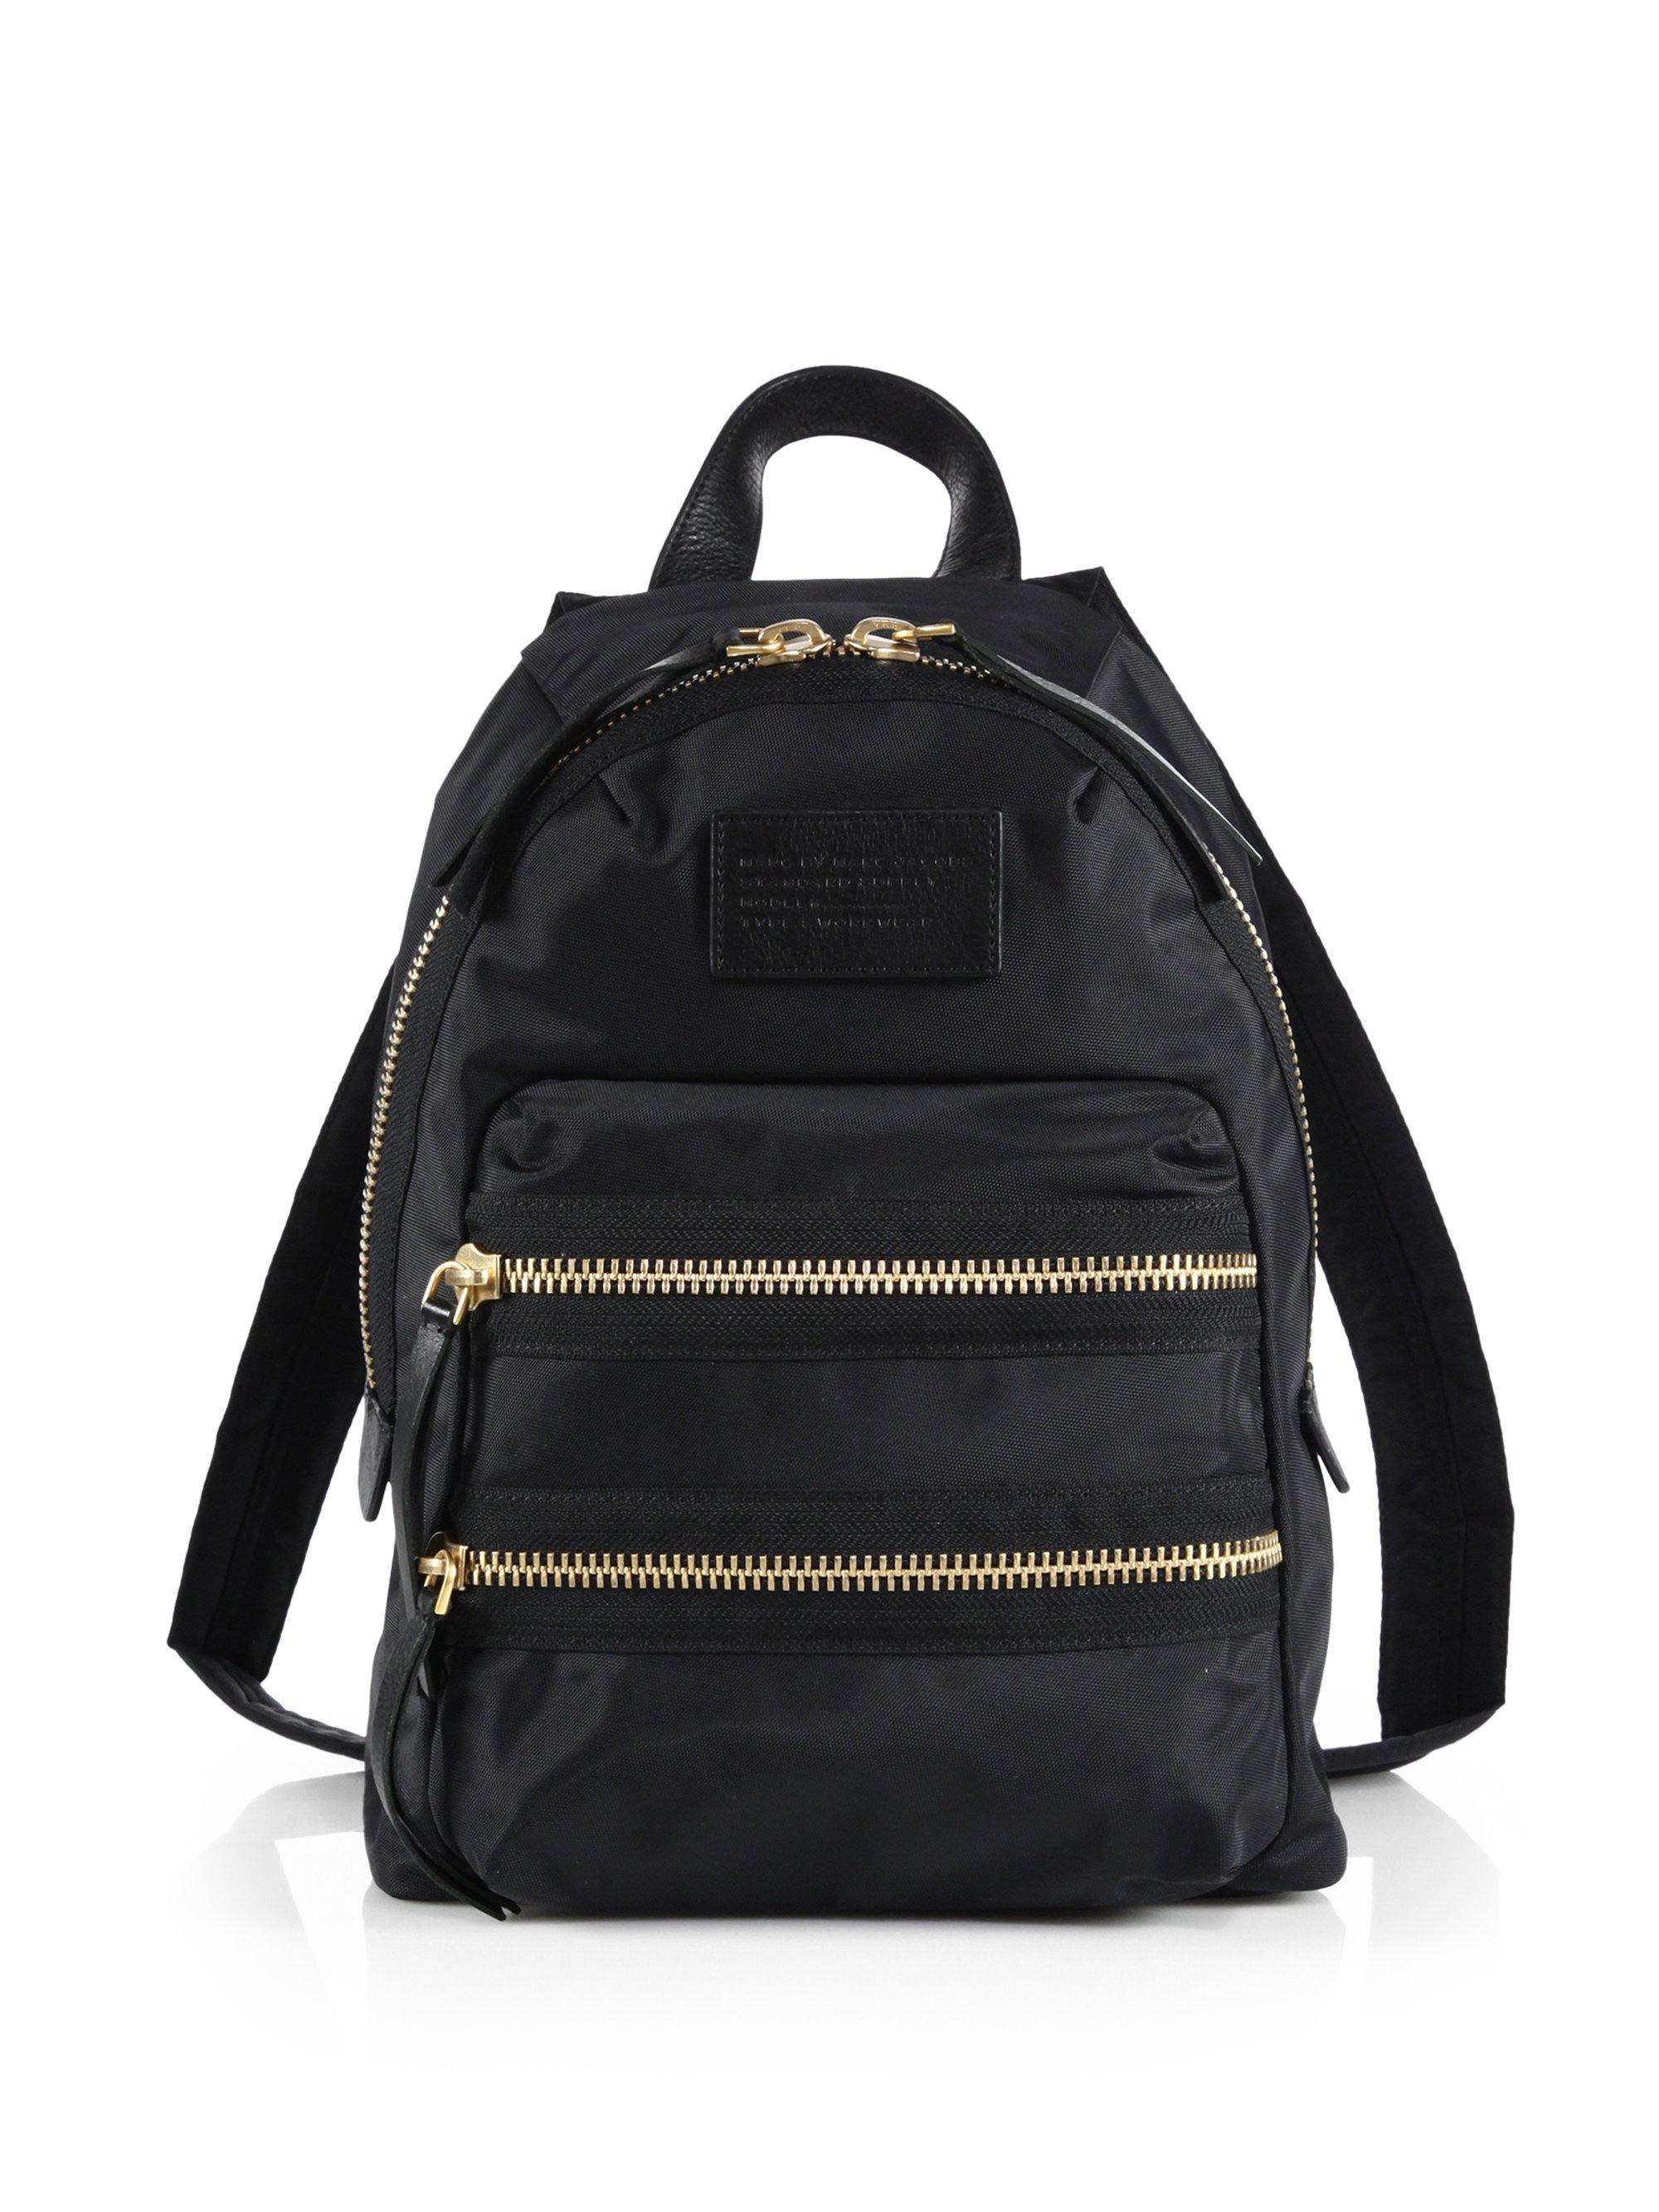 Jansport backpacks sale - results from brands JANSPORT, DOPO, UNASSIGNED, products like JANSPORT SuperBreak Backpack, JANSPORT Superbreak Backpack at Nordstrom Rack - Womens Backpacks - Womens Bags, JANSPORT Big Student (Blue Topaz) Backpack Bags, Backpacks.